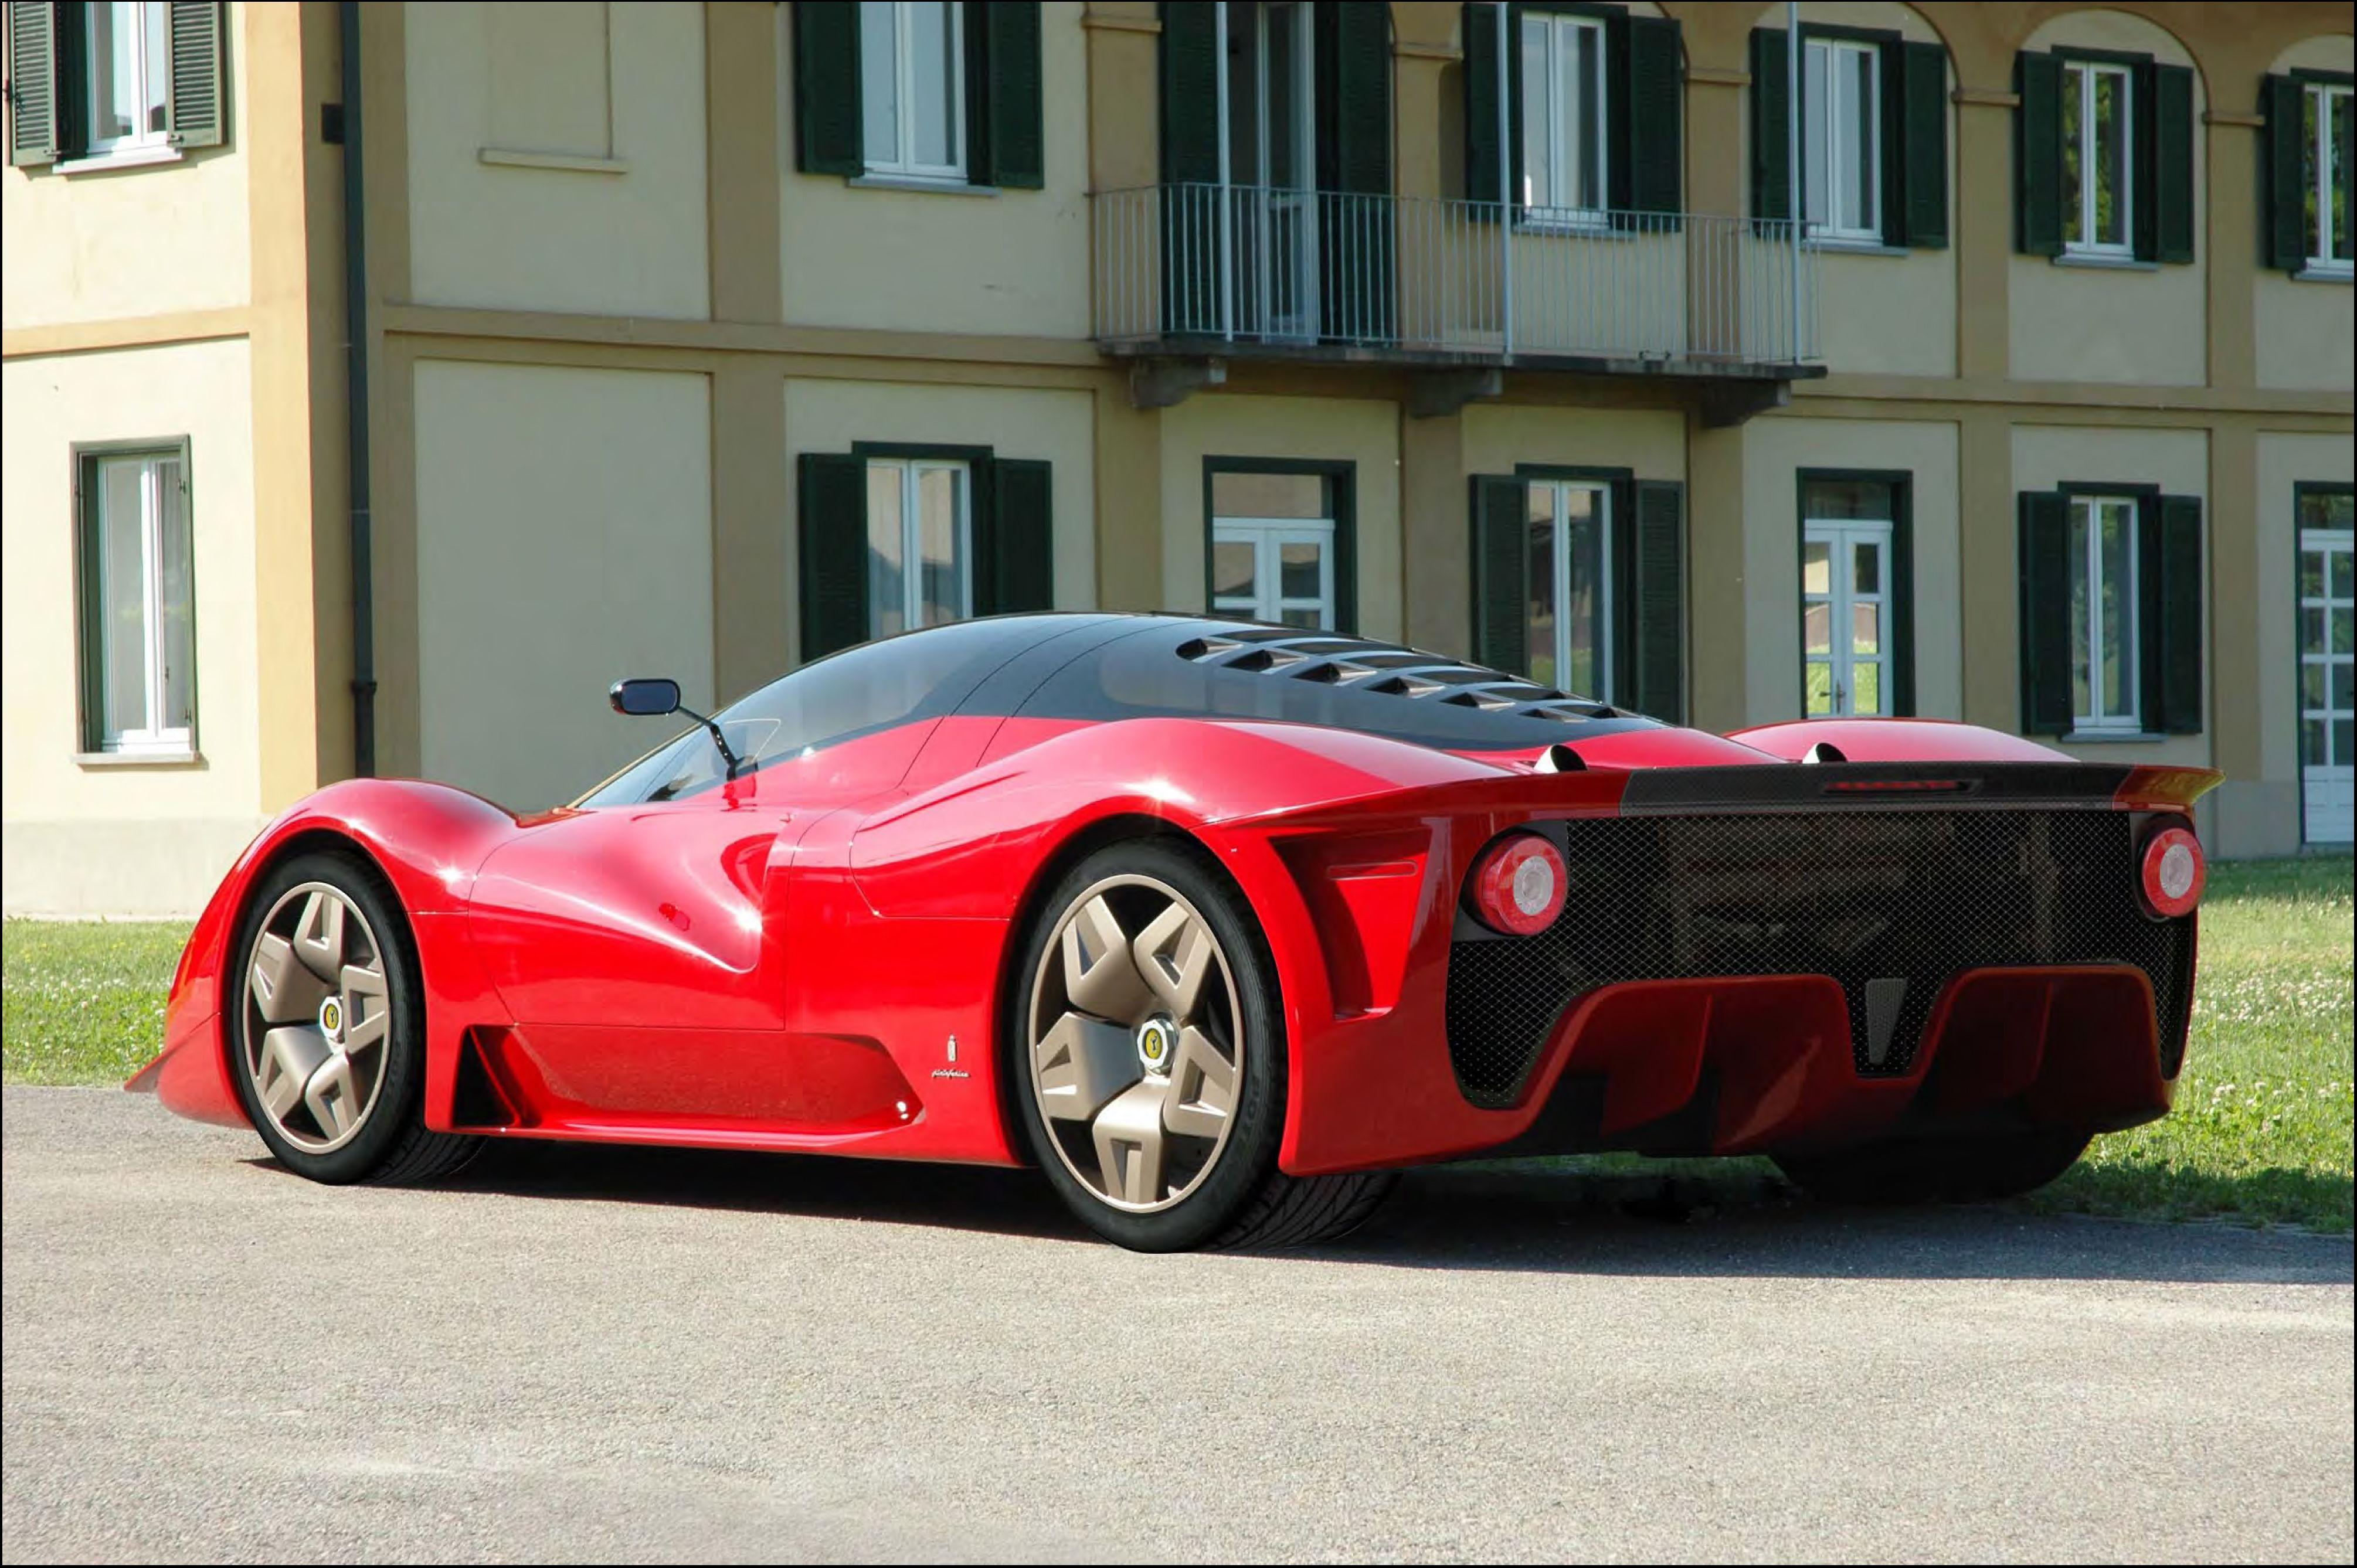 Pininfarina Ferrari P45 The Glickenhaus Car 2006 Cars